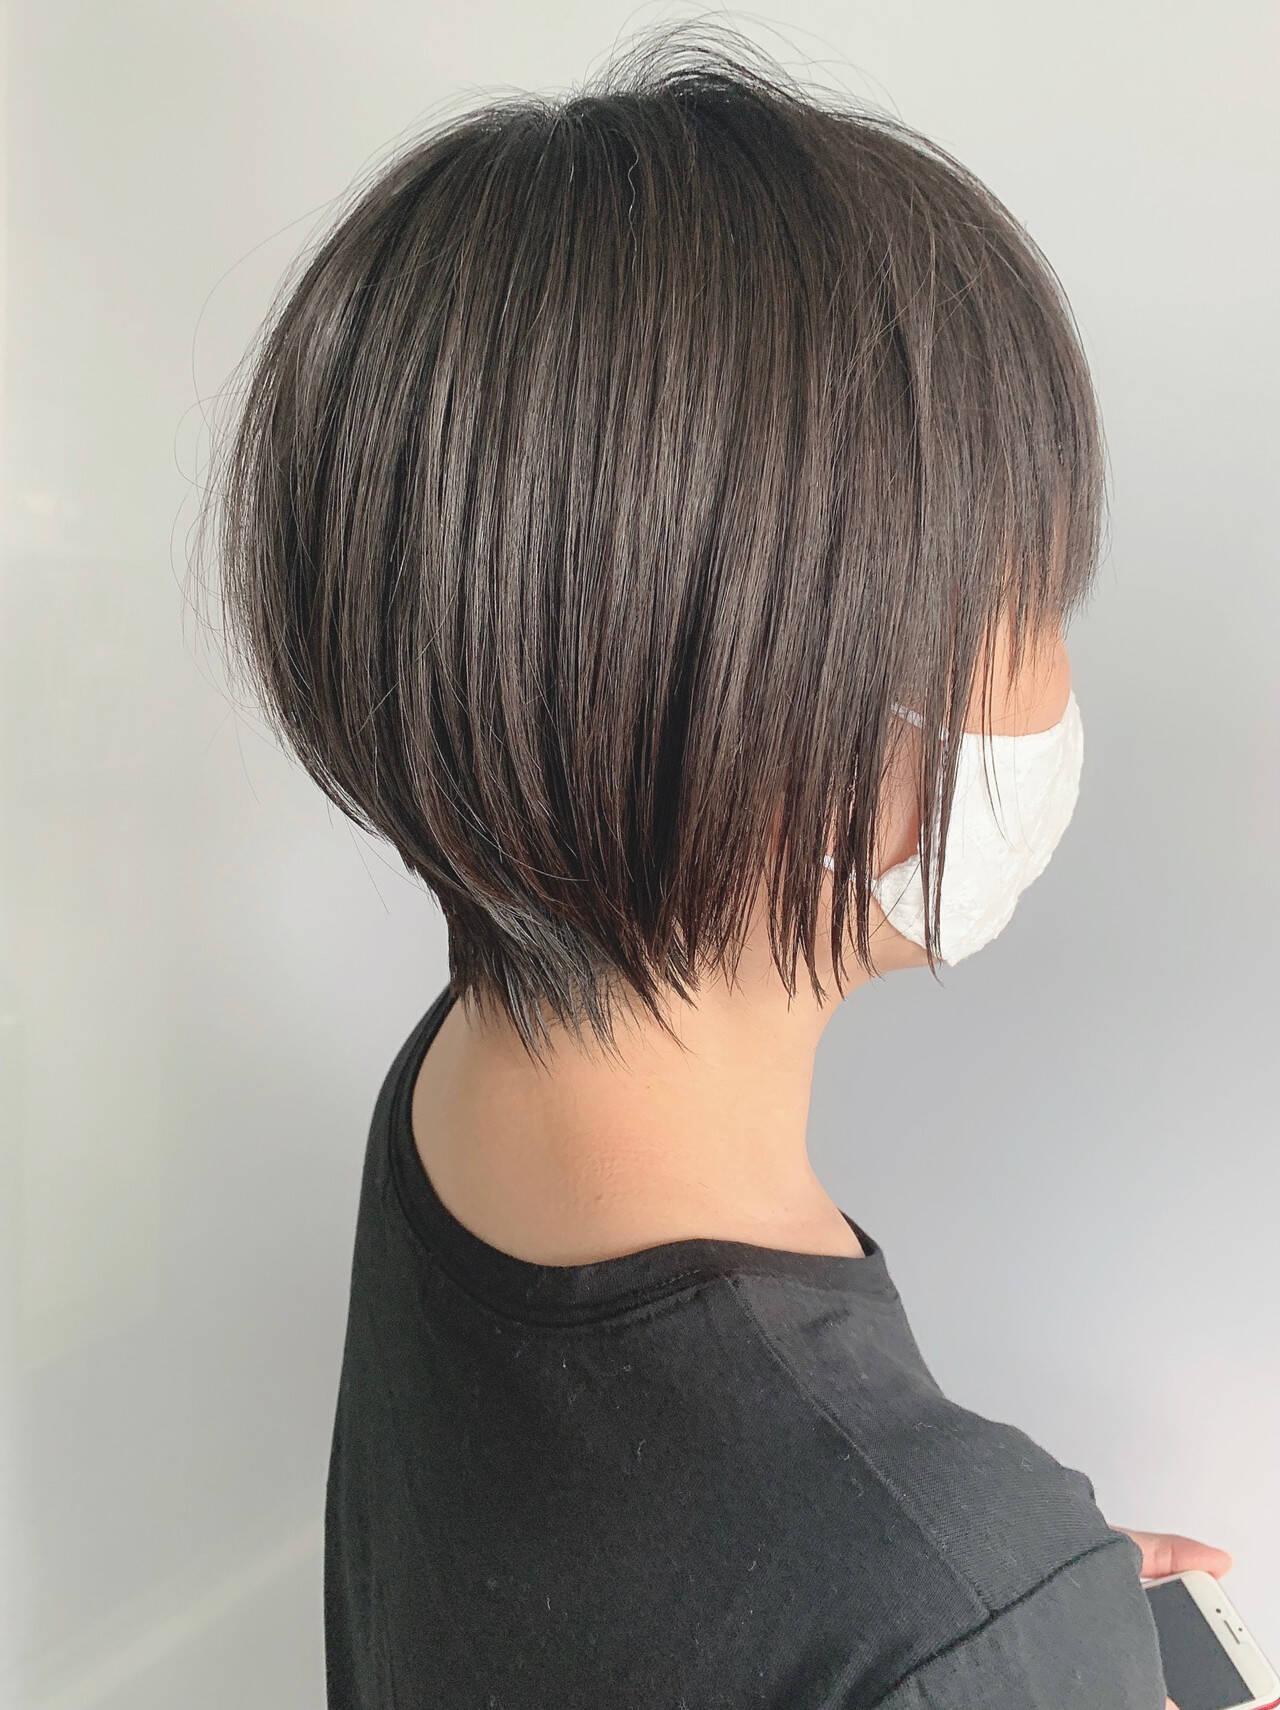 ベリーショート ショートヘア 黒髪 ショートヘアスタイルや髪型の写真・画像